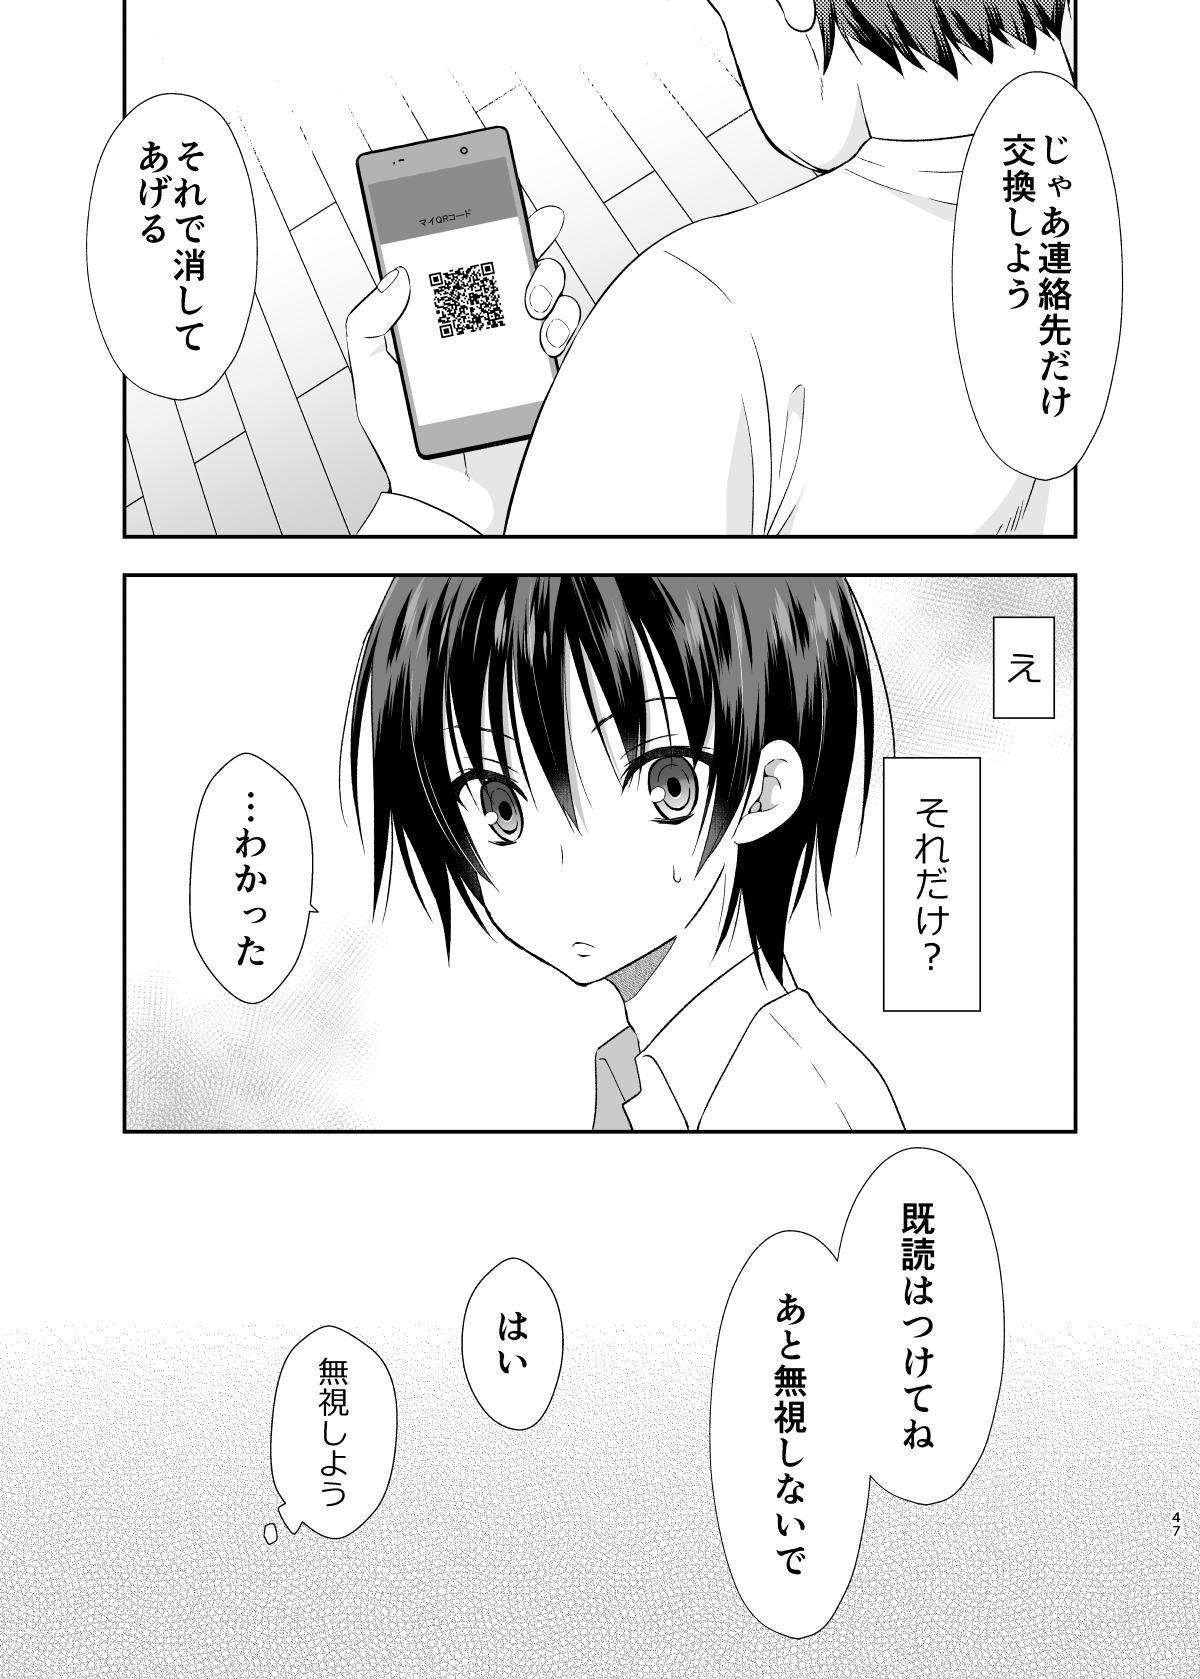 Ane no Kareshi no Furi o Shitetara Oji-san ni Otosareta Ore 45